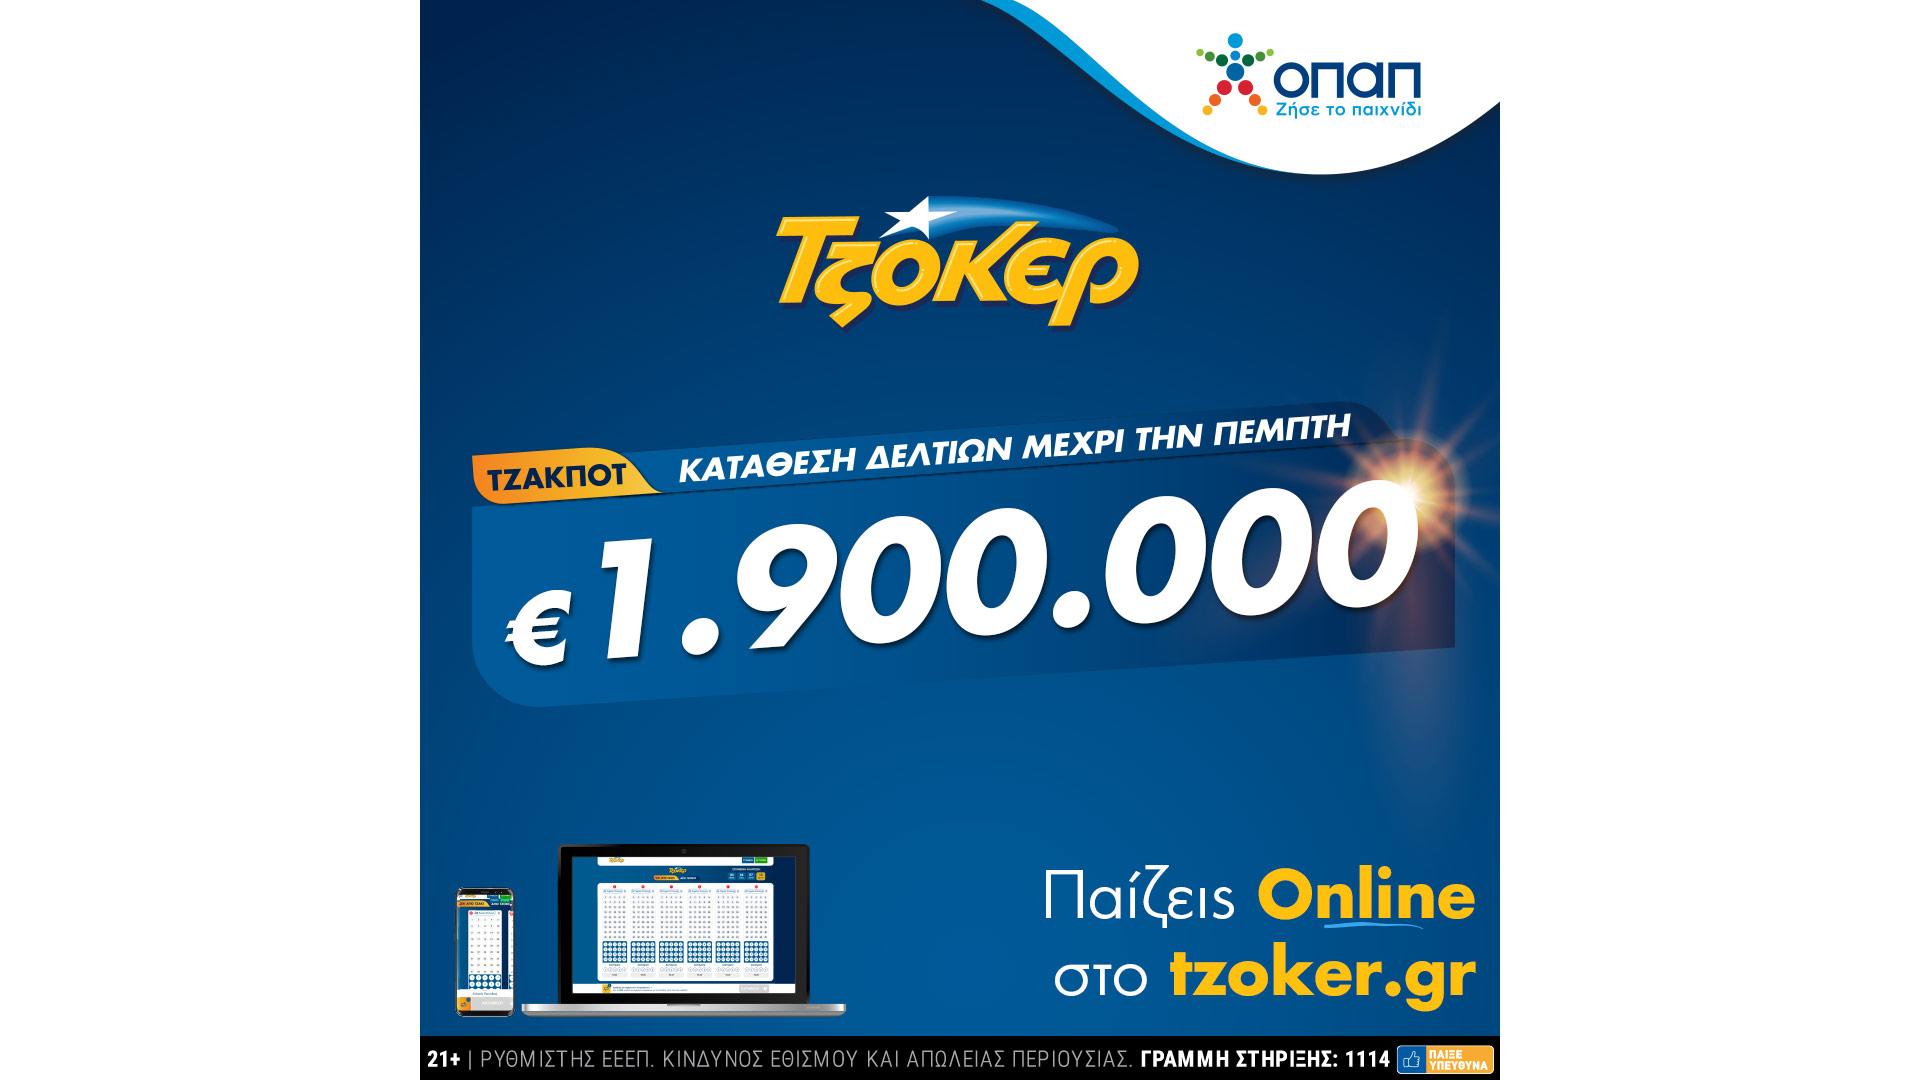 ΤΖΟΚΕΡ μέσω διαδικτύου για 1,9 εκατ. ευρώ – Κατάθεση δελτίων από υπολογιστή ή κινητό έως τις 21:30